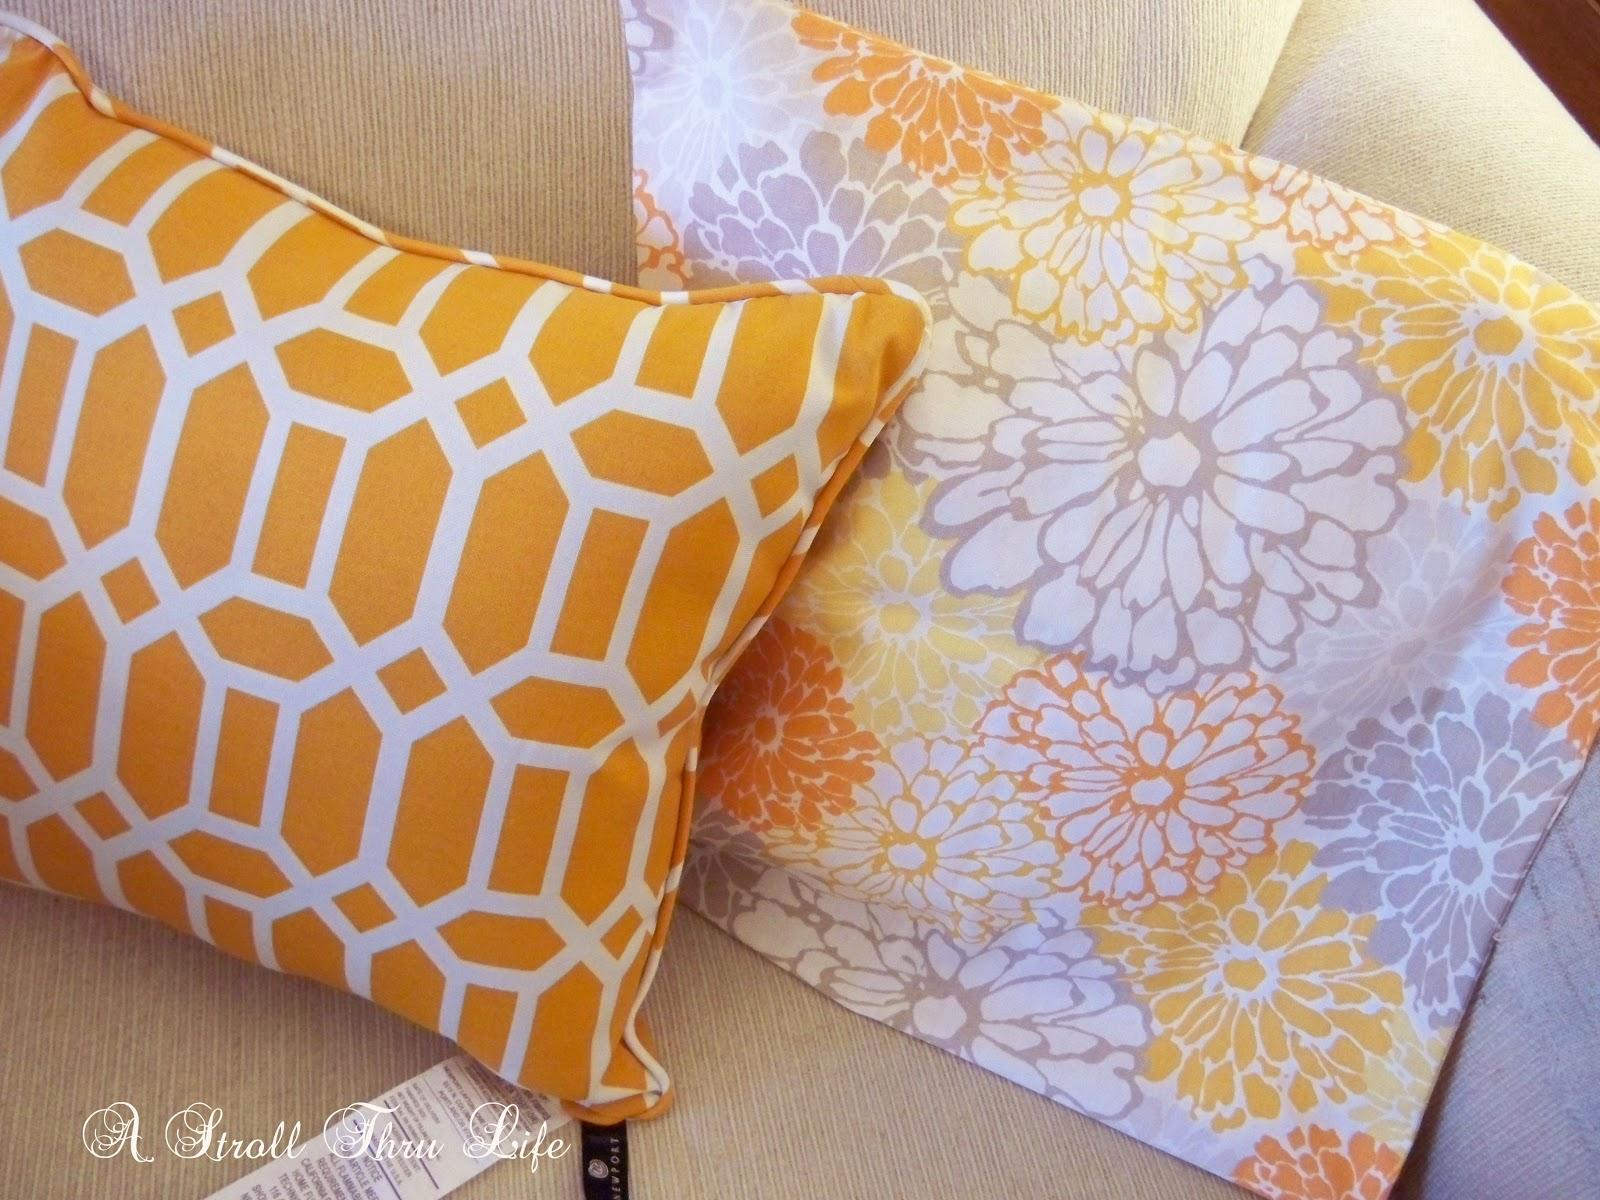 Orange and white color scheme